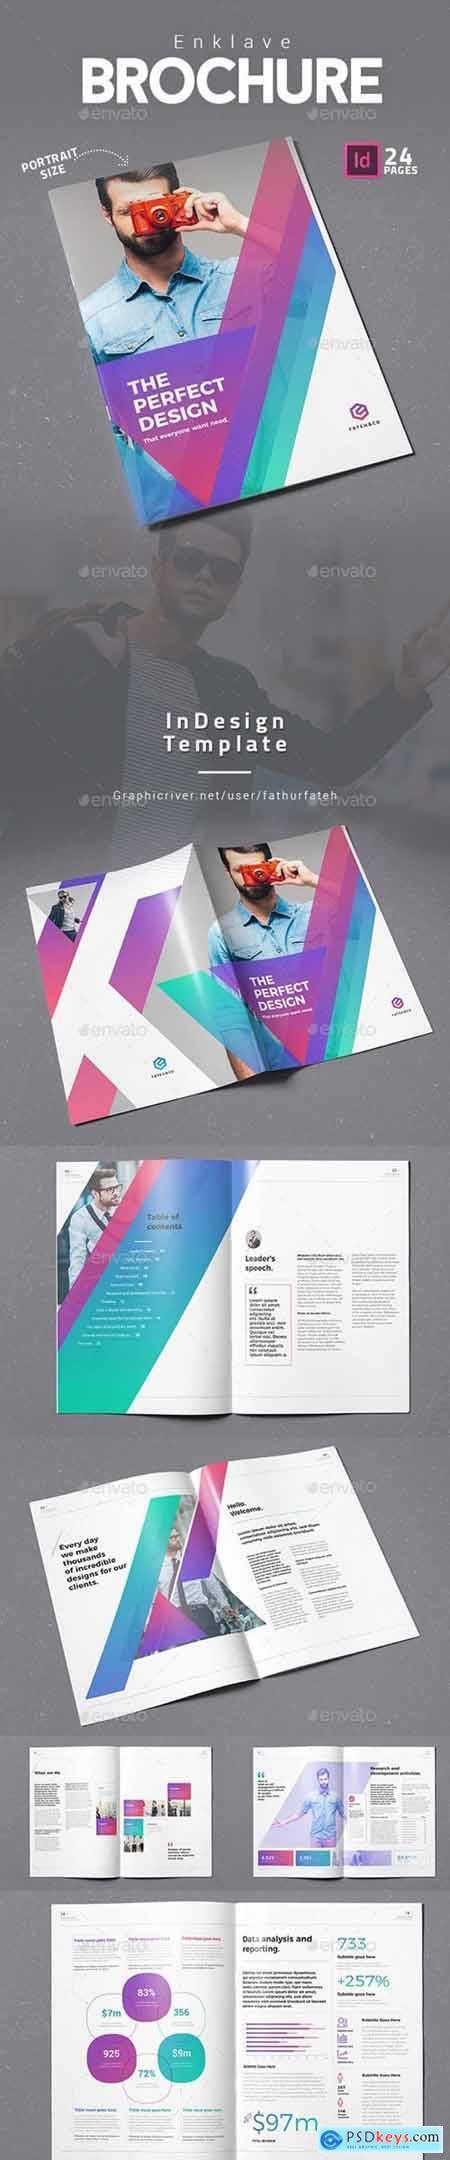 Enklave Brochure